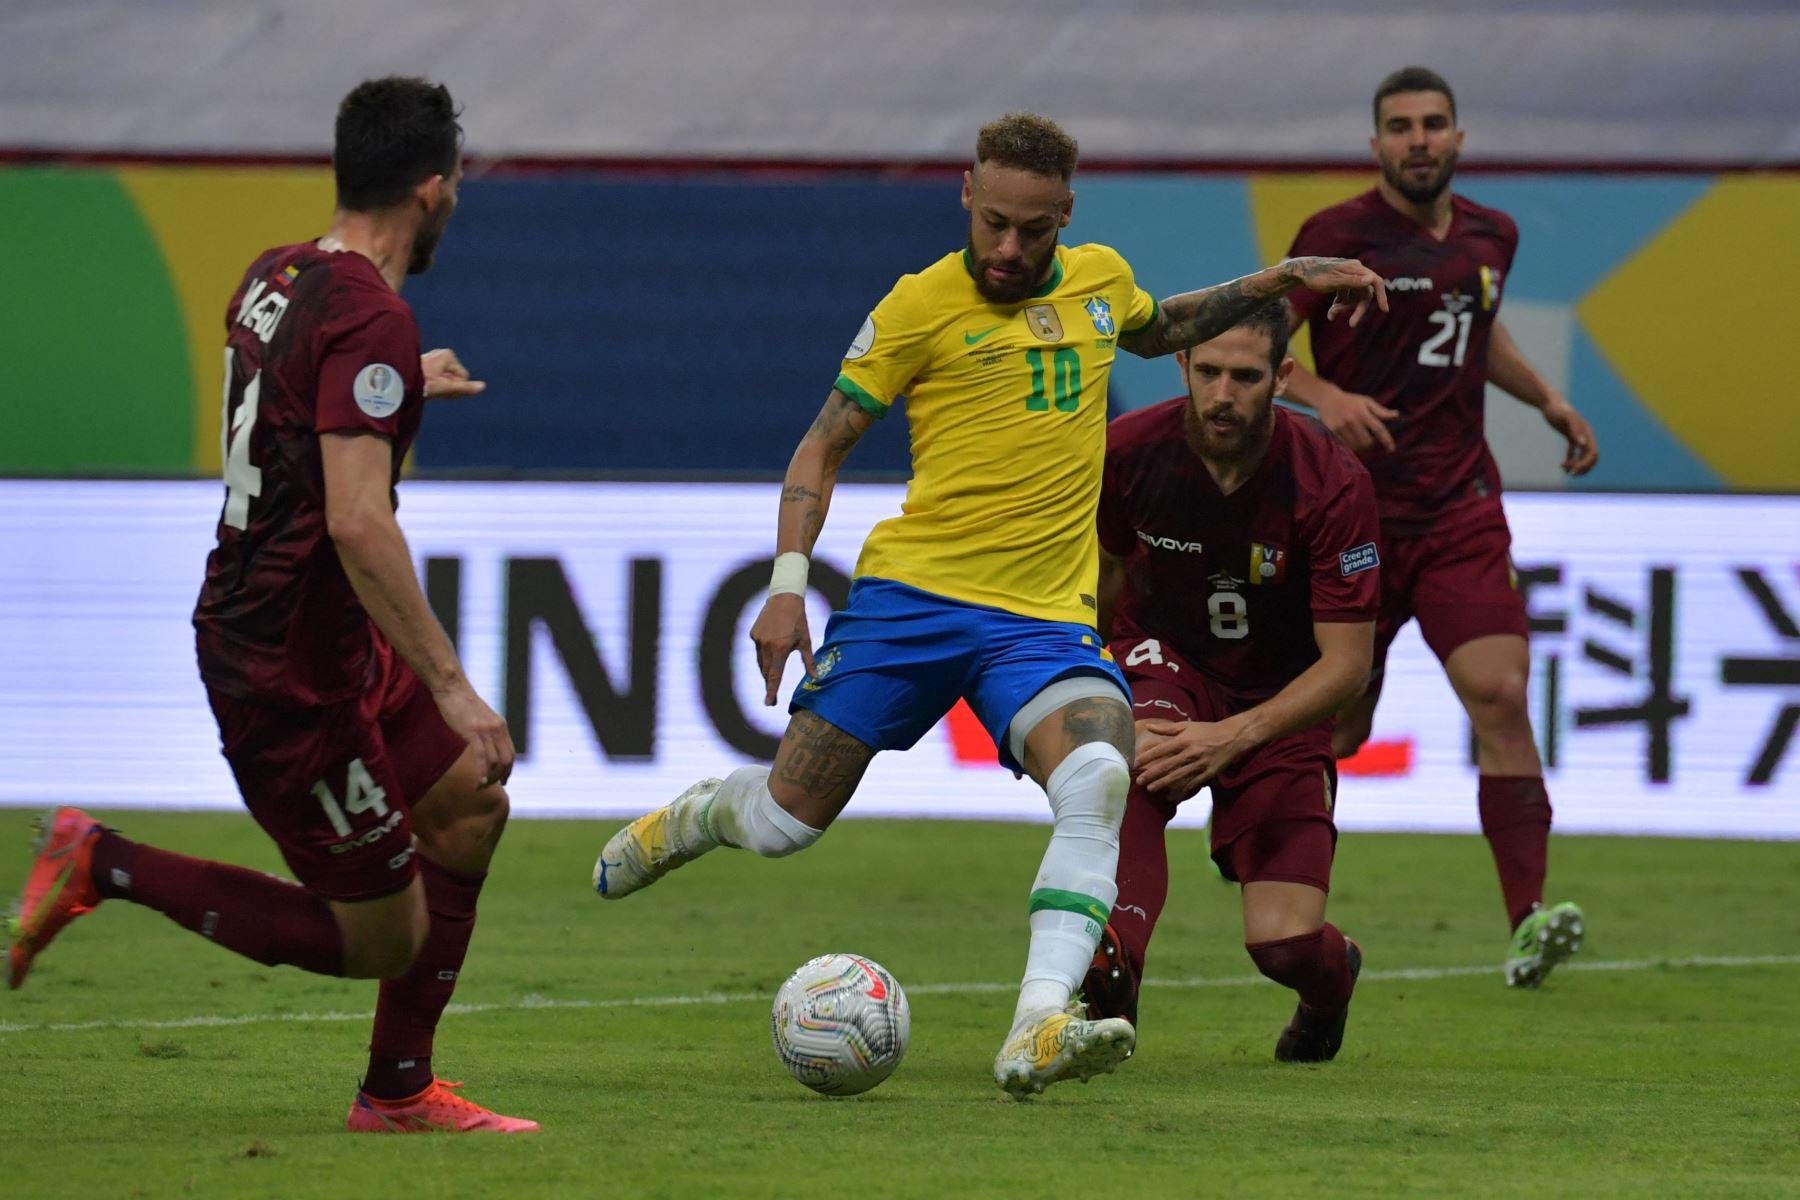 El brasileño Neymar y el venezolano Francisco La Mantia compiten por el balón durante el partido de la fase de grupos del torneo de fútbol Conmebol Copa América 2021 en el estadio Mane Garrincha de Brasilia. Foto: AFP